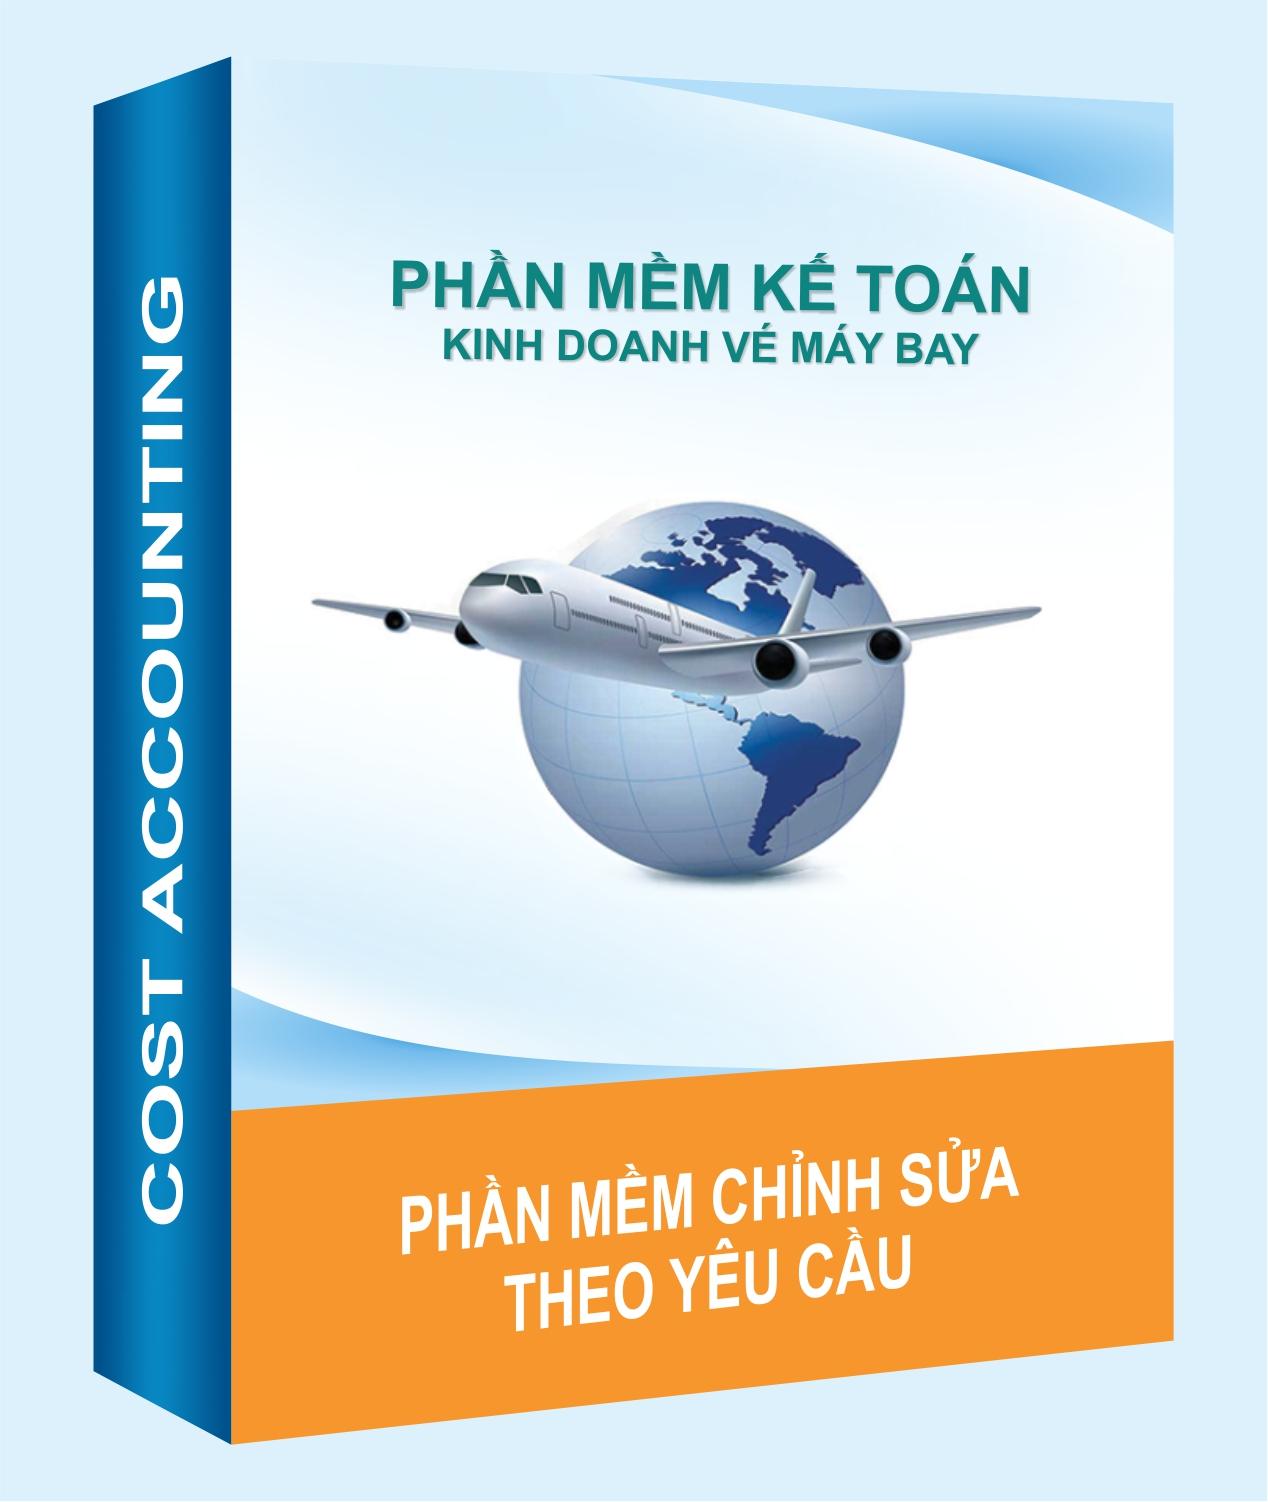 Phần mềm dành cho đơn vị bán vé máy bay